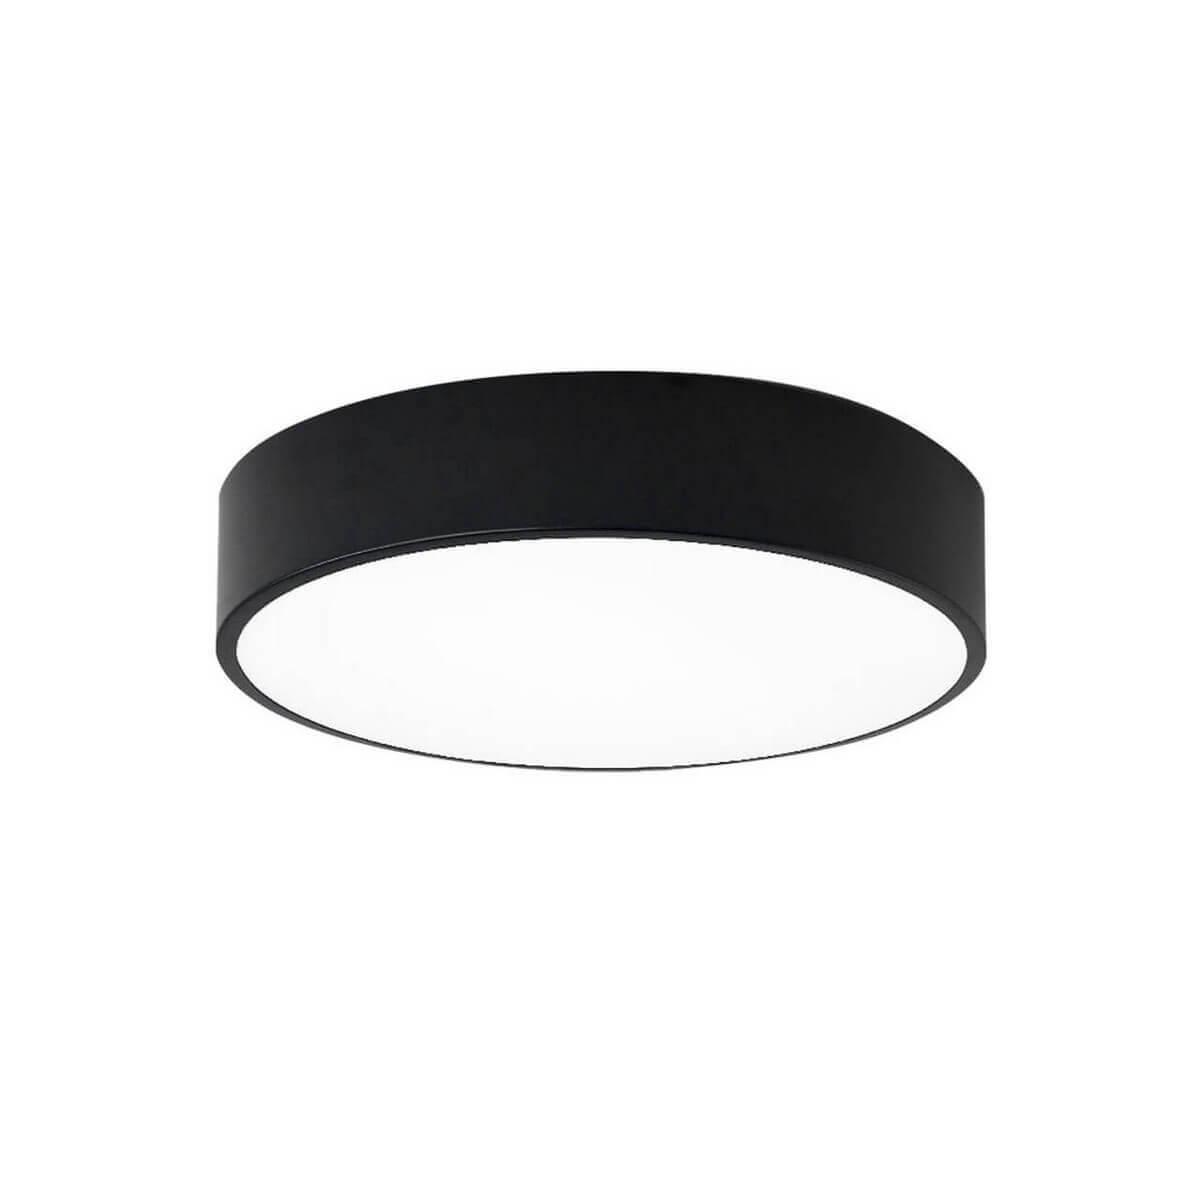 Потолочный светодиодный светильник Kink Light Медина 05430,19 потолочный светодиодный светильник kink light медина 05430 01